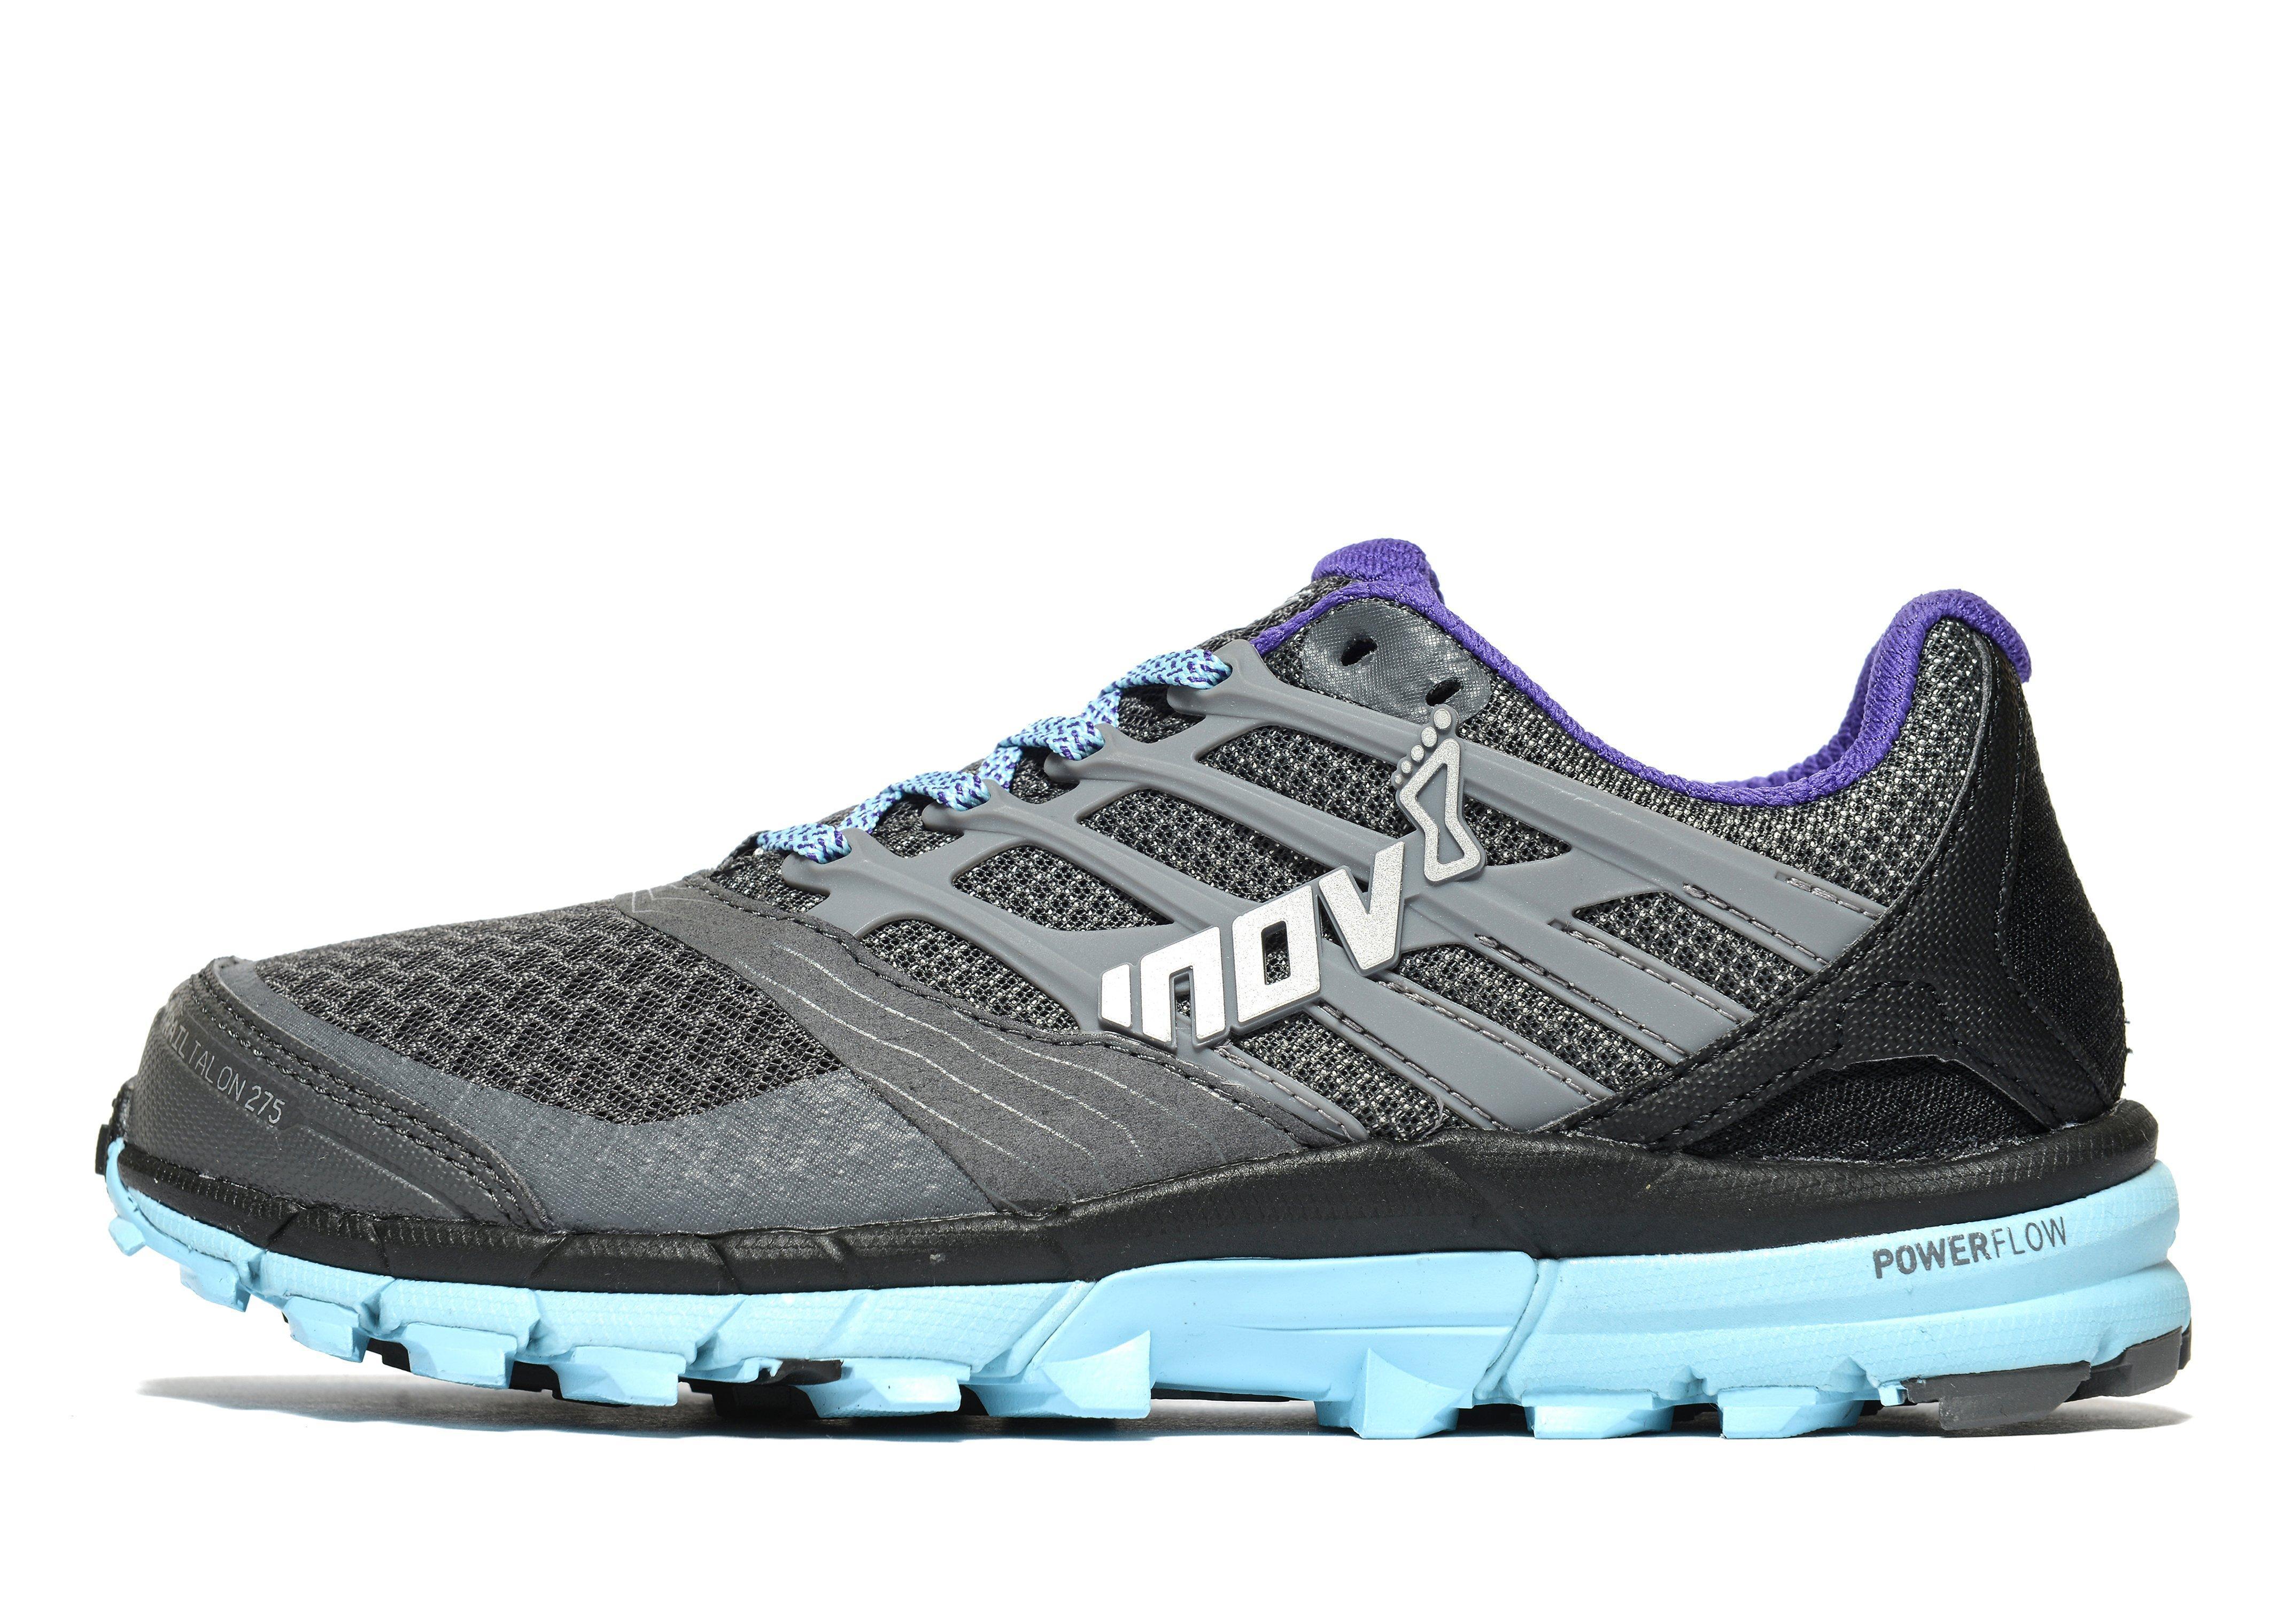 Lyst - Inov-8 Trialtalon 275 Running Shoes in Gray